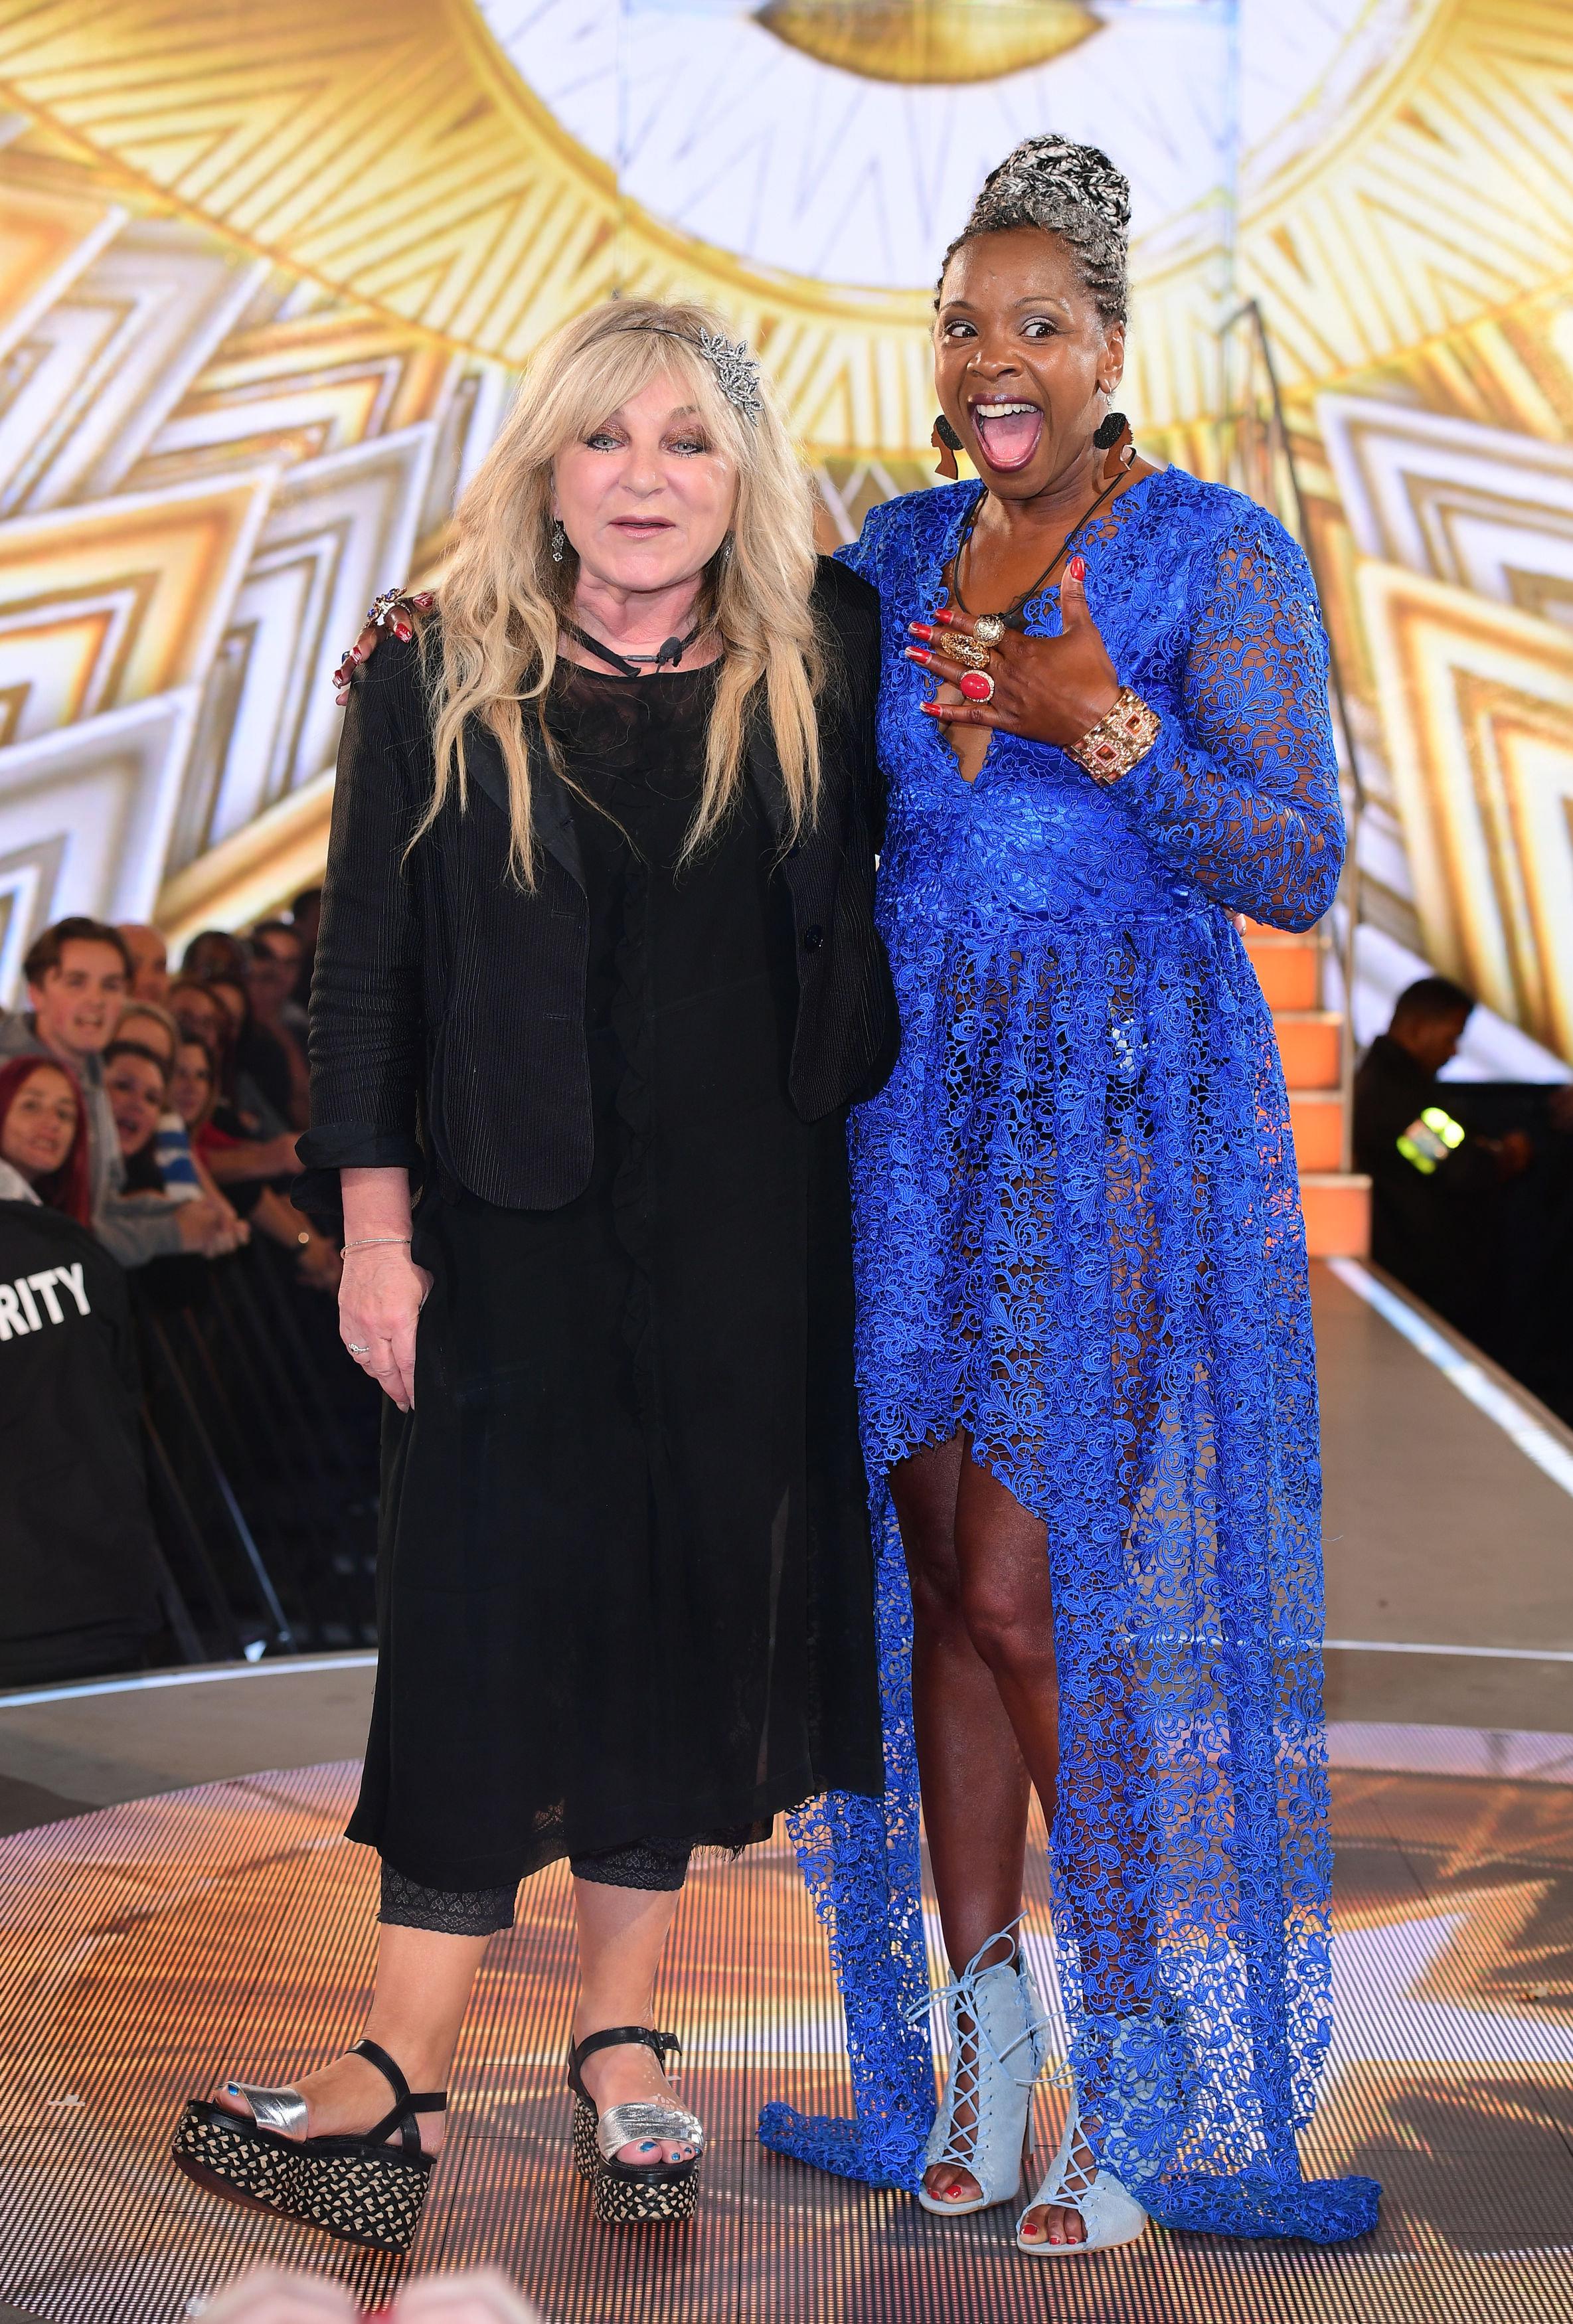 Helen Lederer and Sandi Bogle were evicted from 'Celebrity Big